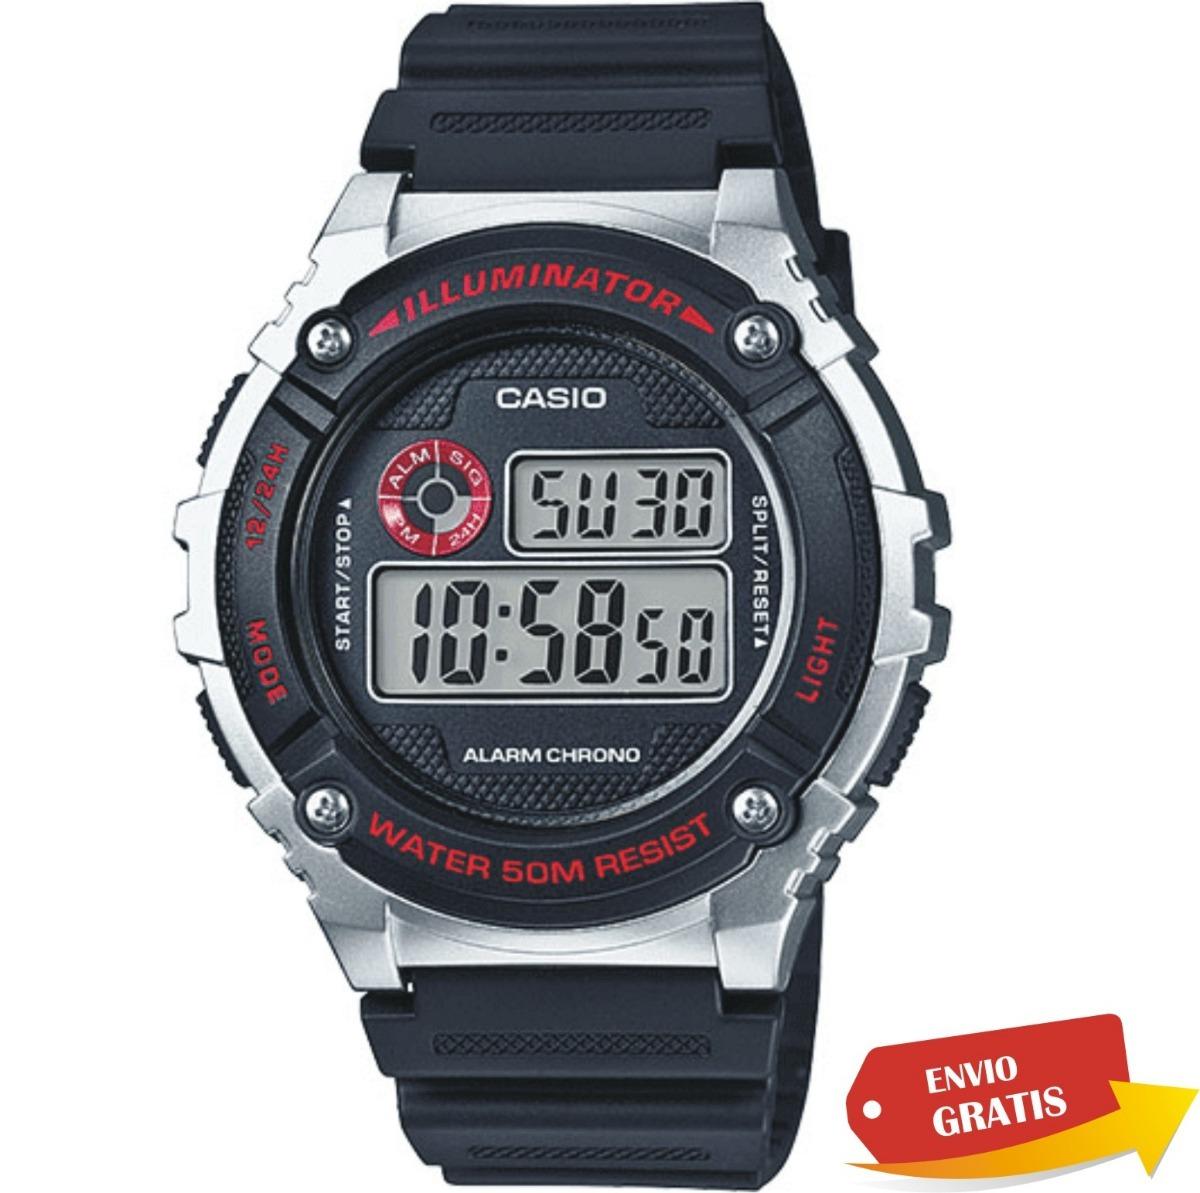 fbe62aa5b5ad Reloj Casio W216 Alarma Crono Luz Wr50 -   449.00 en Mercado Libre